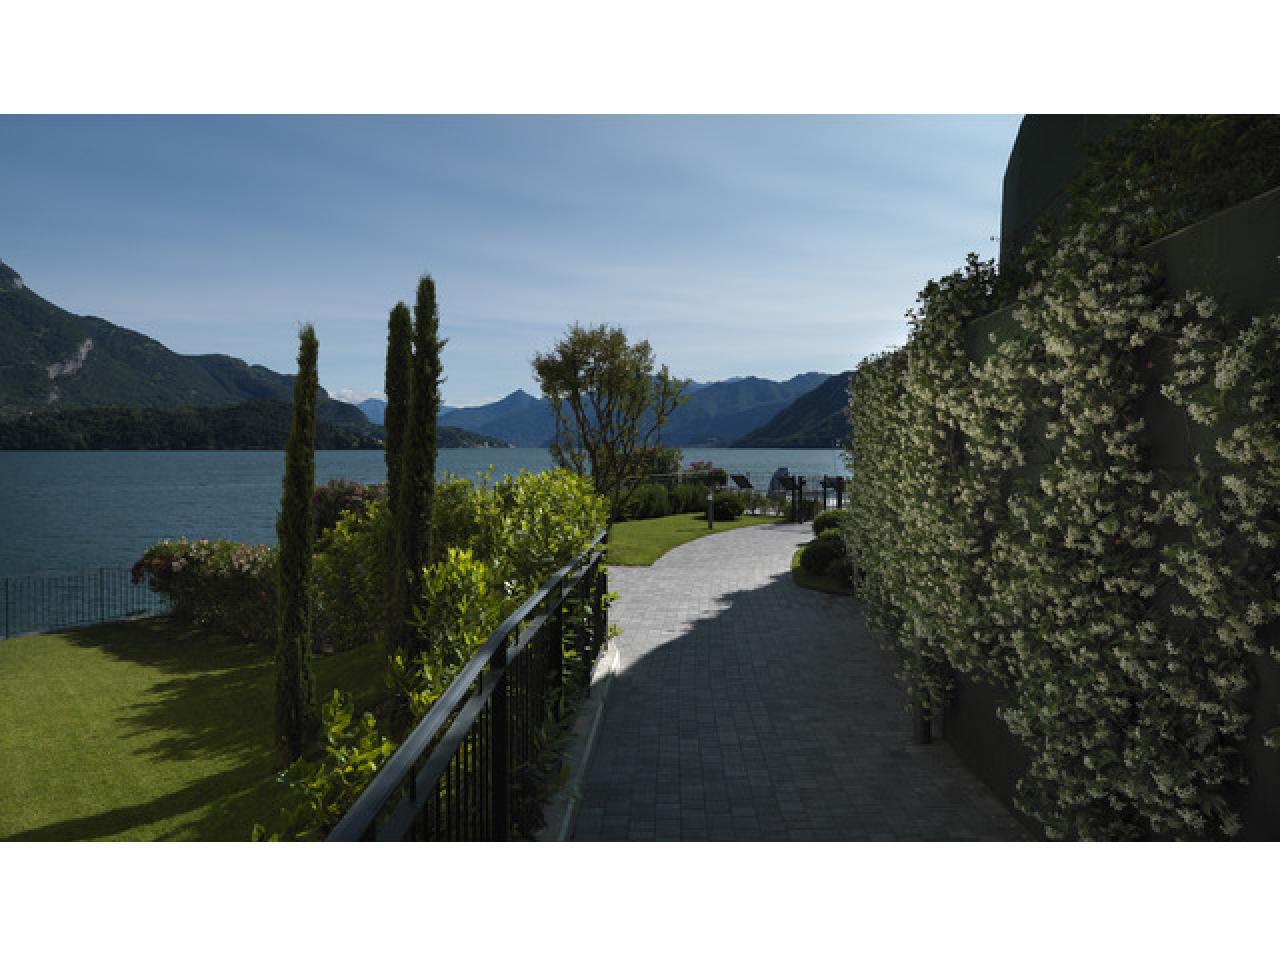 Таунхаус в Леццено (Италия) на первой линии озера Комо - 11